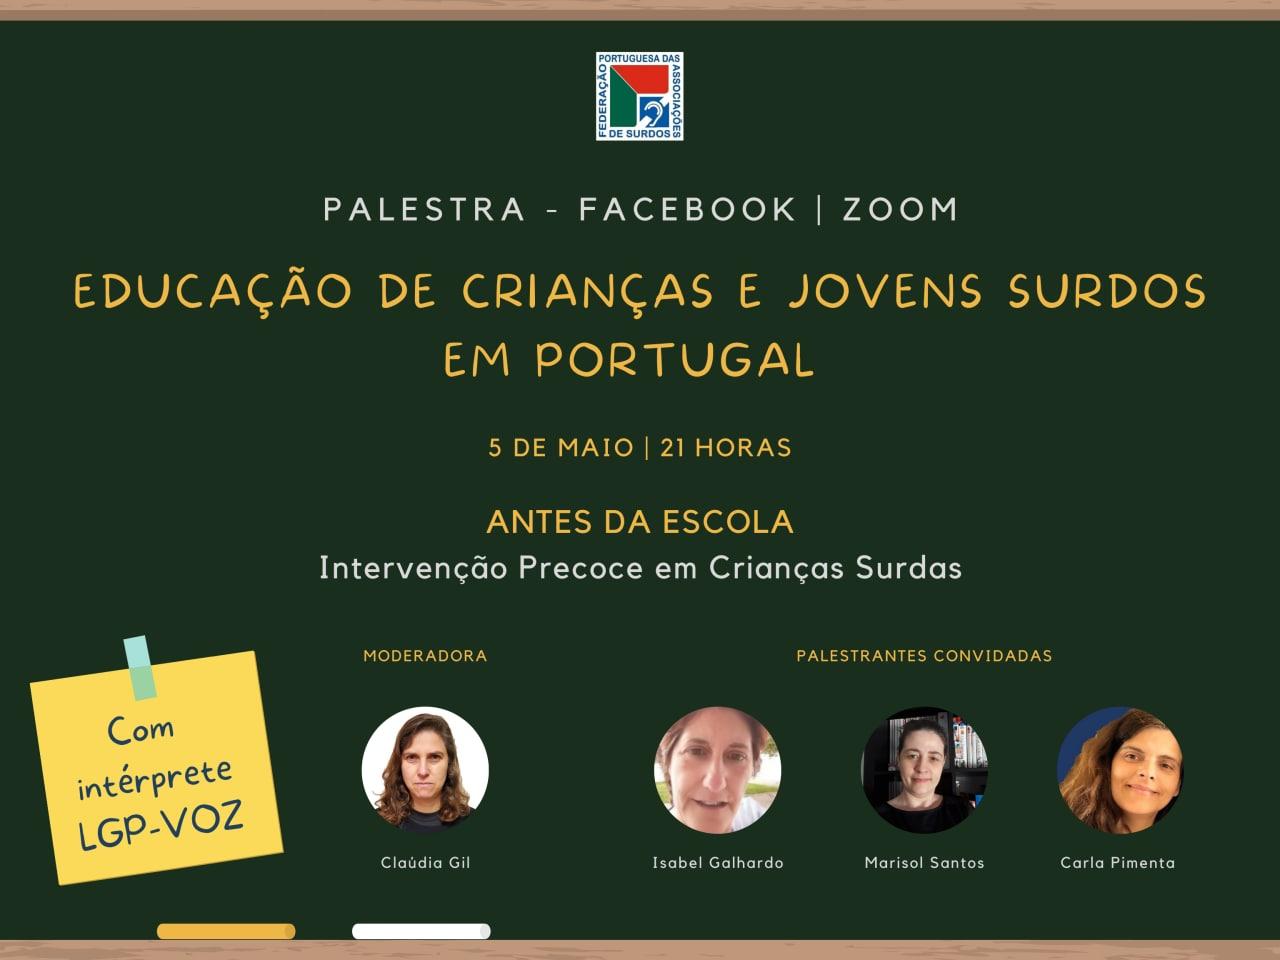 Entrevista sobre a Educação de Crianças e Jovens Surdos em Portugal